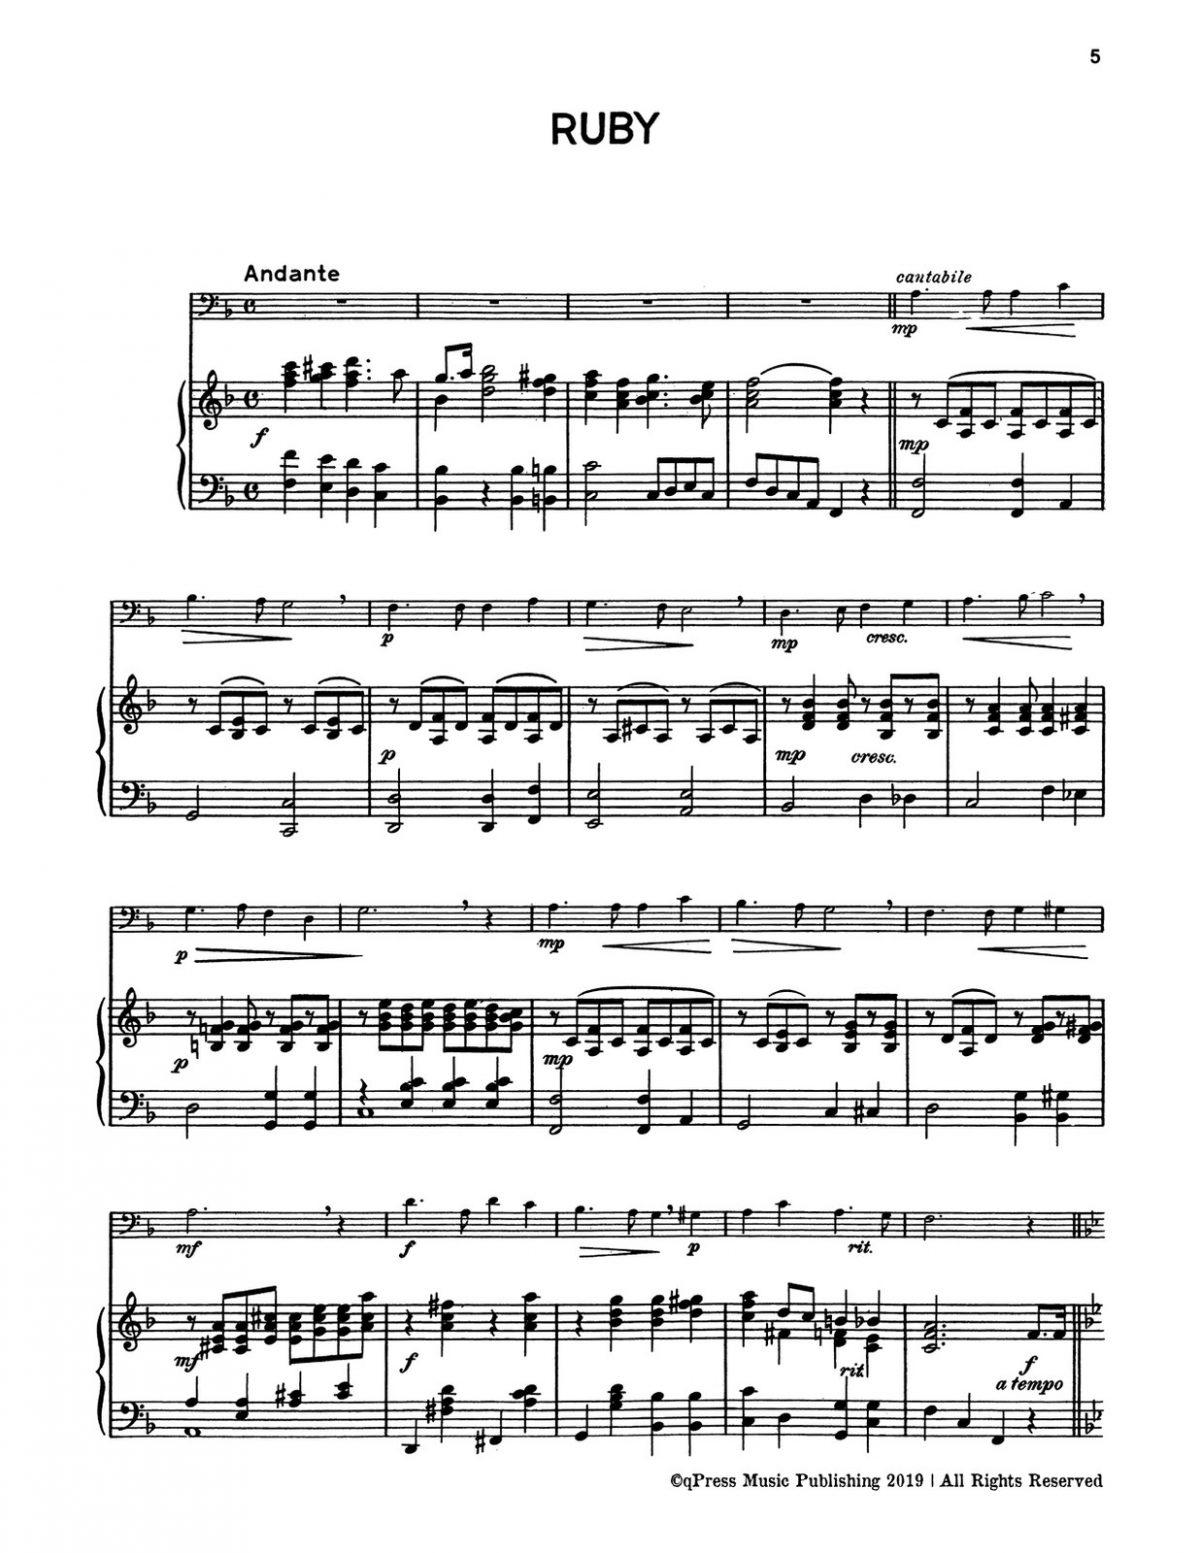 Vandercook, Trombone Gems-p05